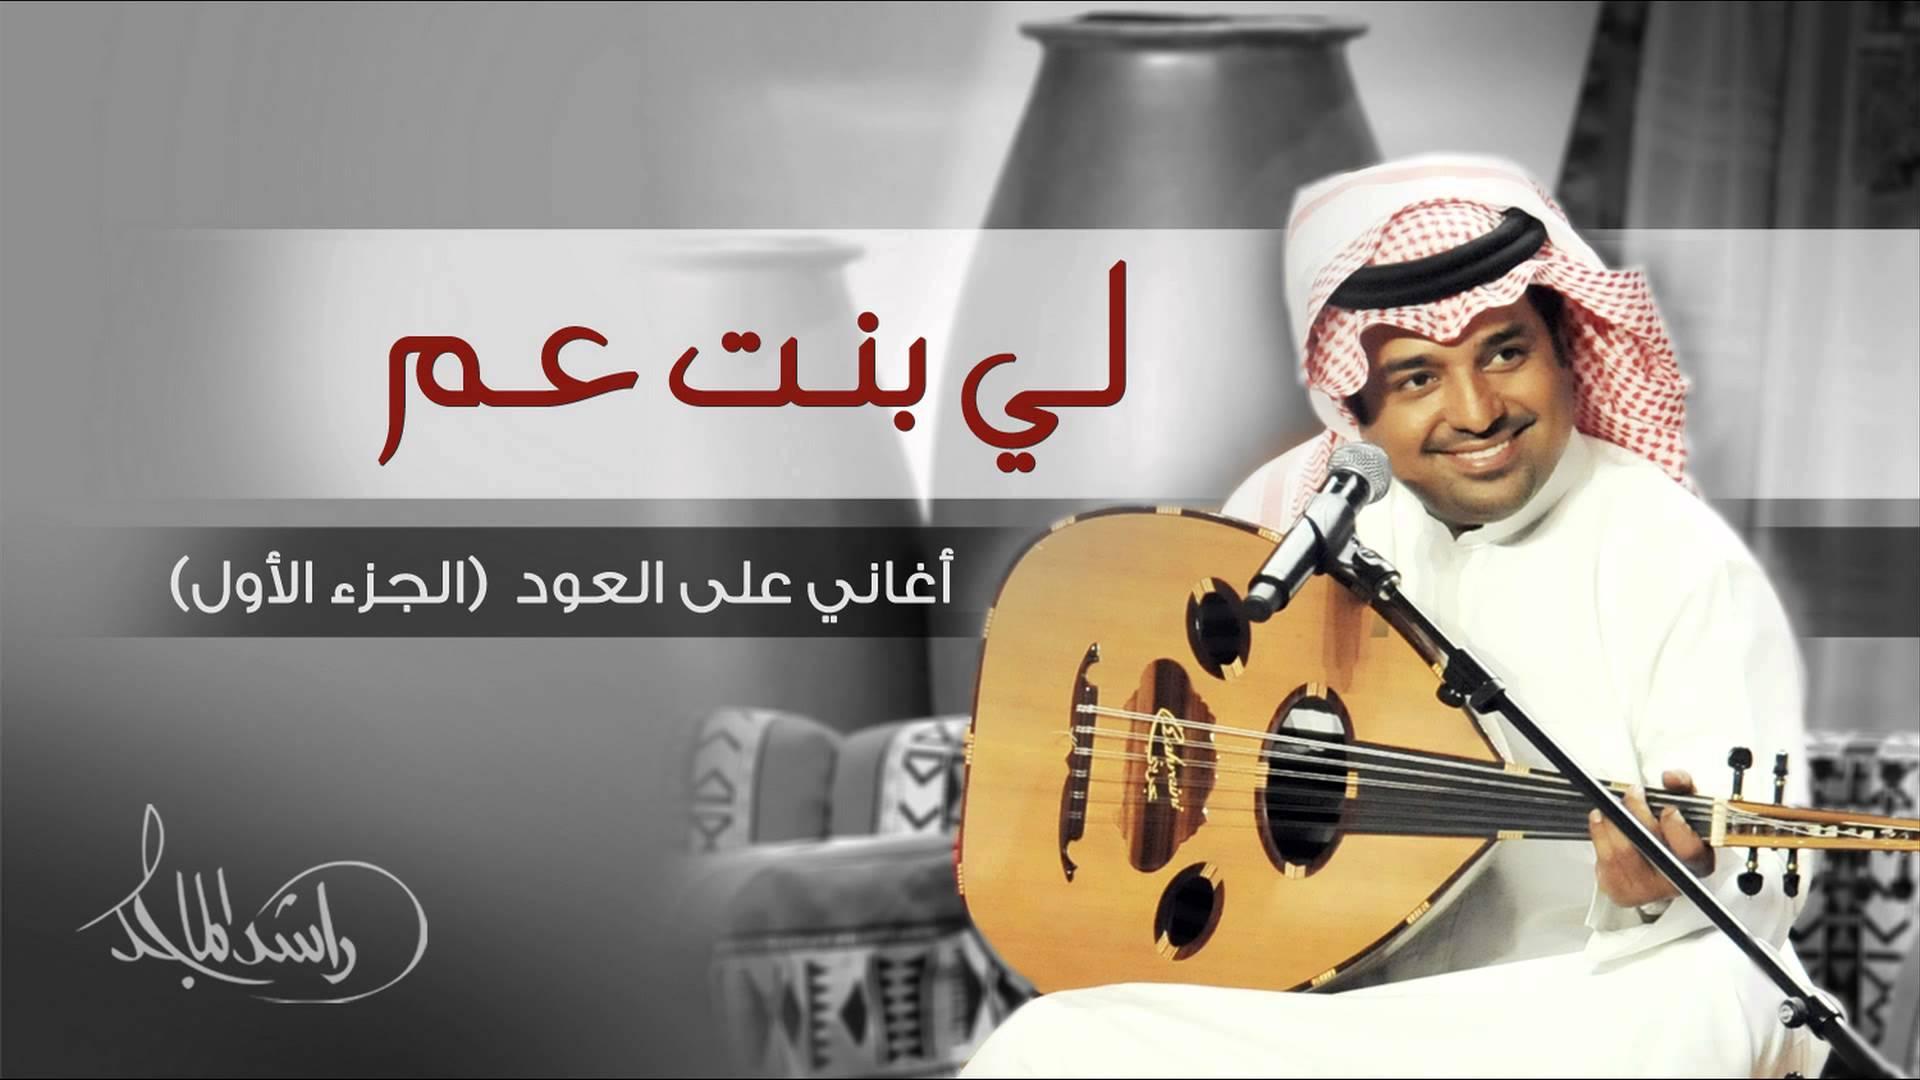 تحميل اغاني راشد الماجد قديم mp3